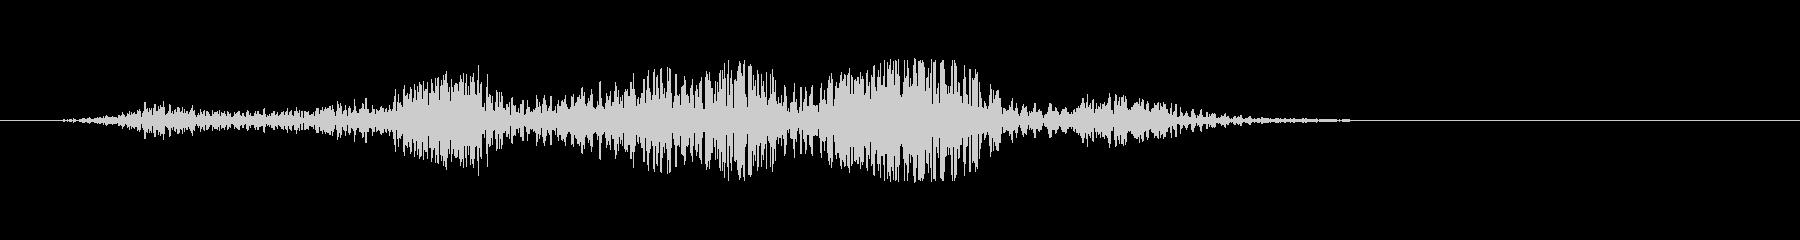 ヒューシュウルトラローランブル、ド...の未再生の波形